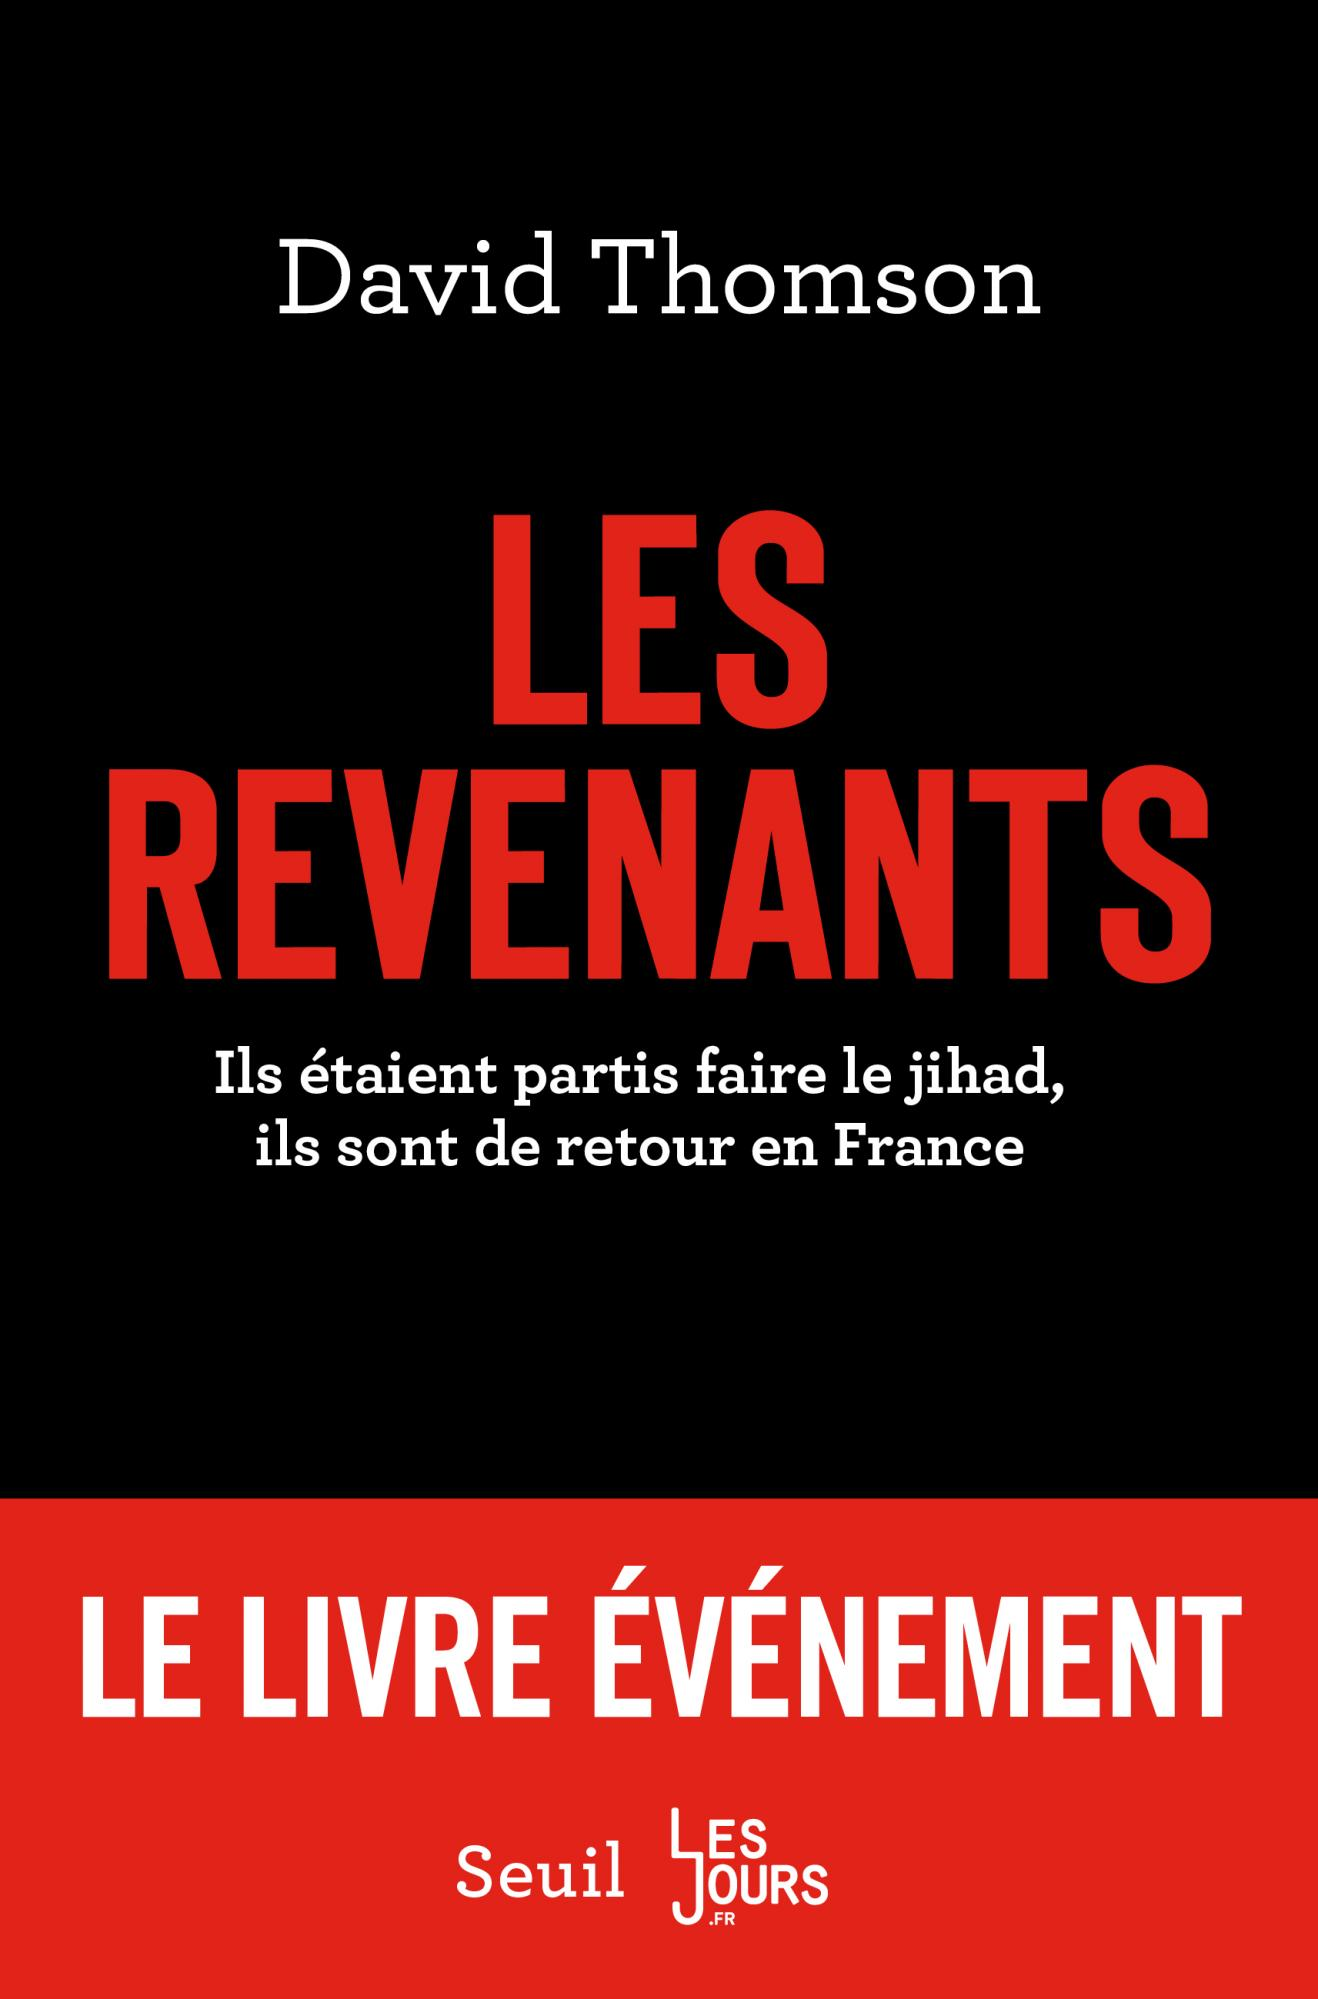 David Thomson - Les revenants : Les revenants : Ils étaient partis faire le jihad, ils sont de retou...